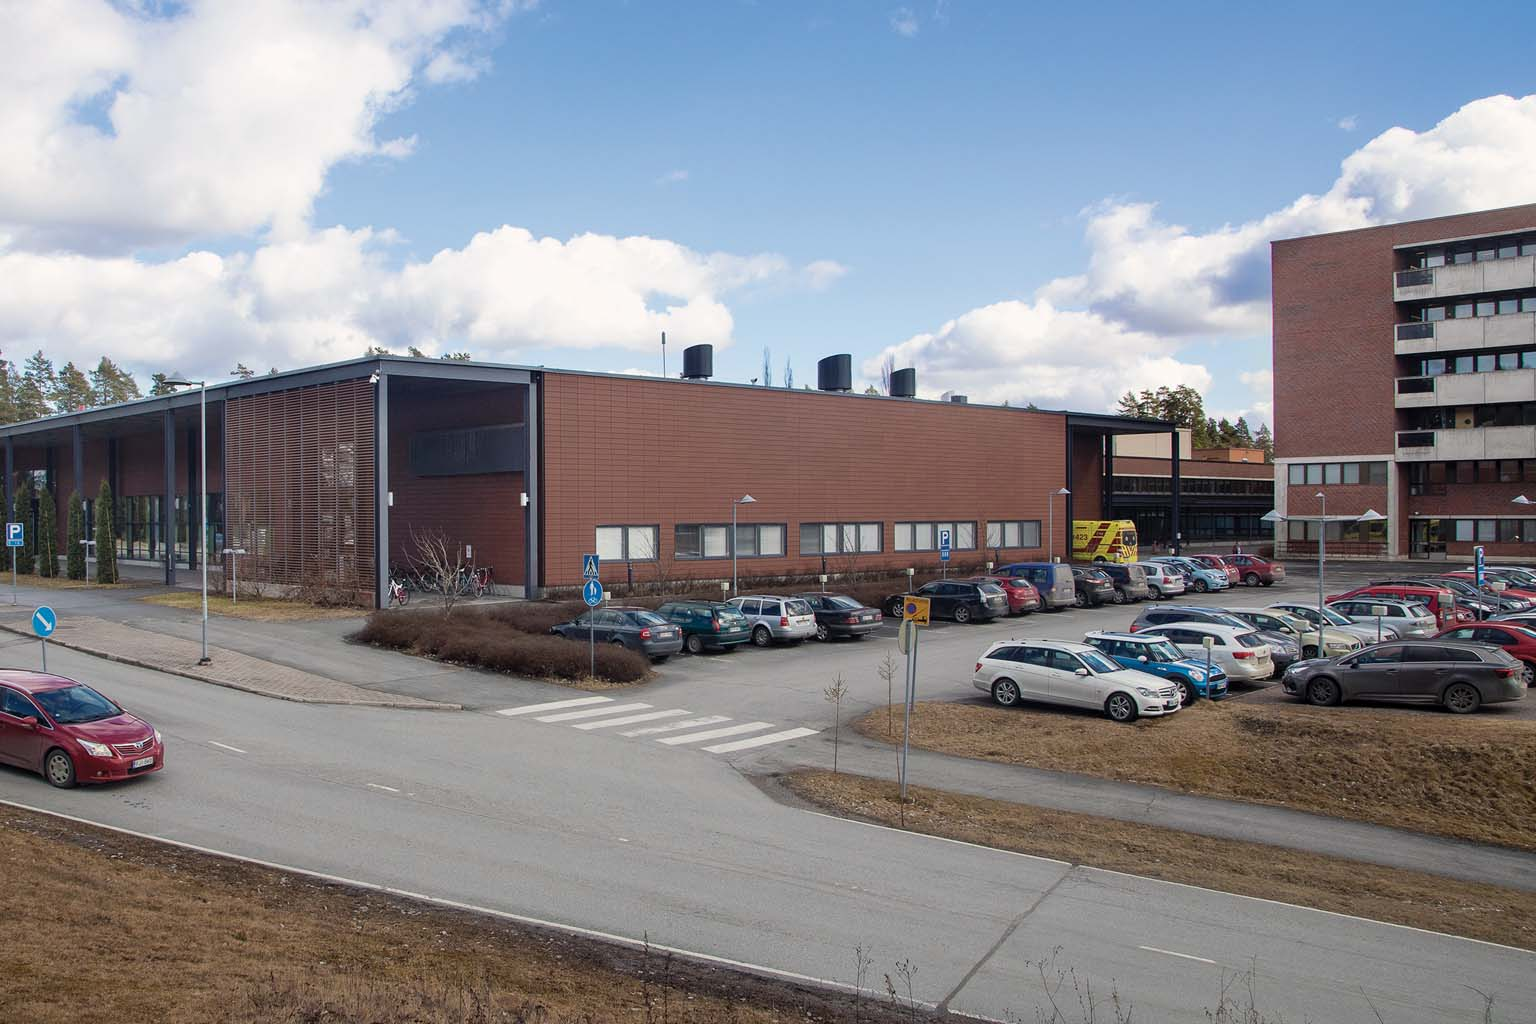 case study - Kanta-Hame Central Hospital